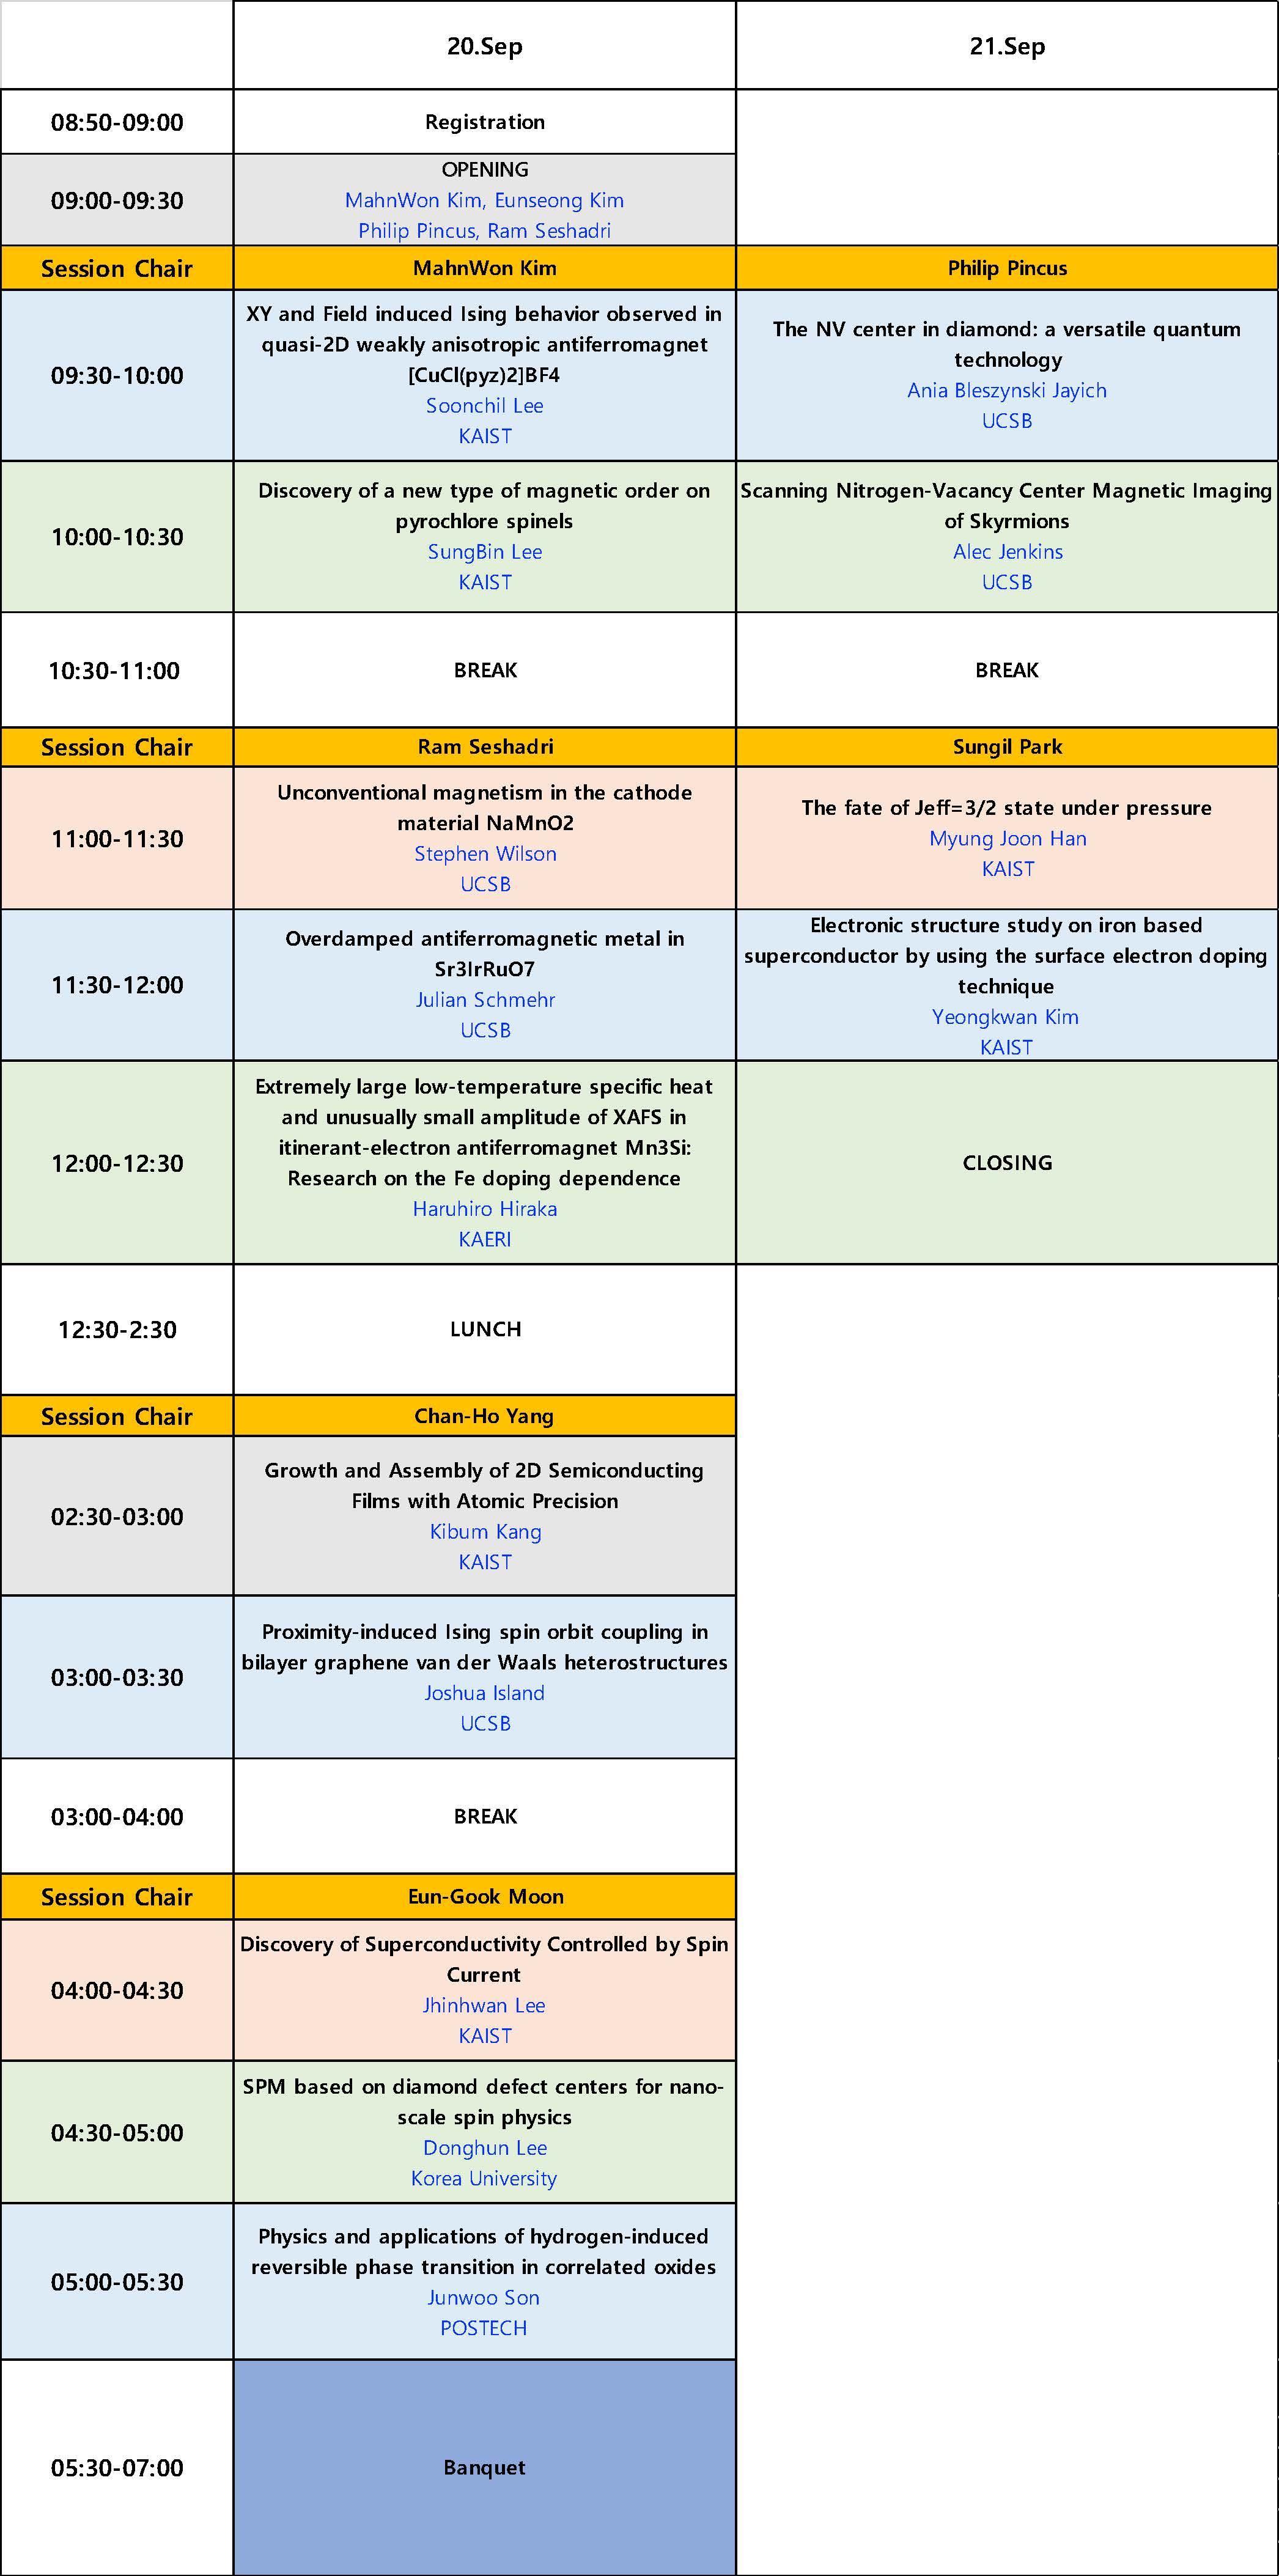 kaist-ucsb-kaeri-schedule.jpg